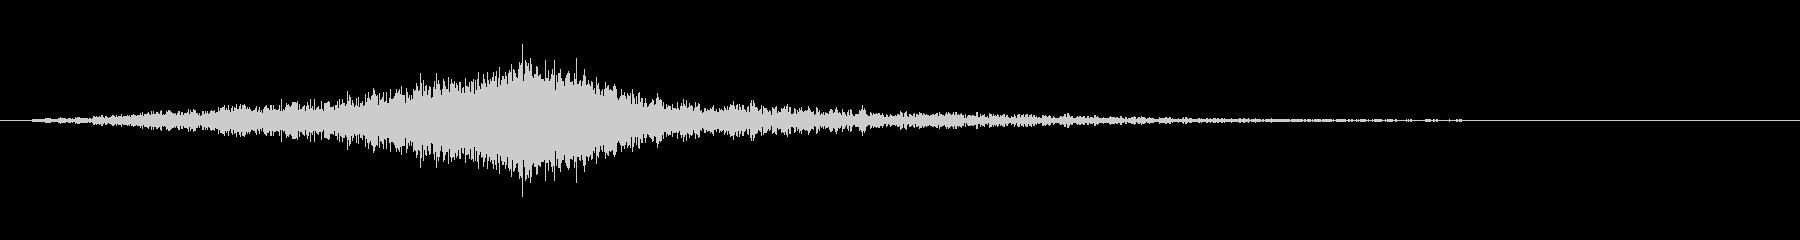 映画でよくあるライズヒットサウンドロゴ3の未再生の波形